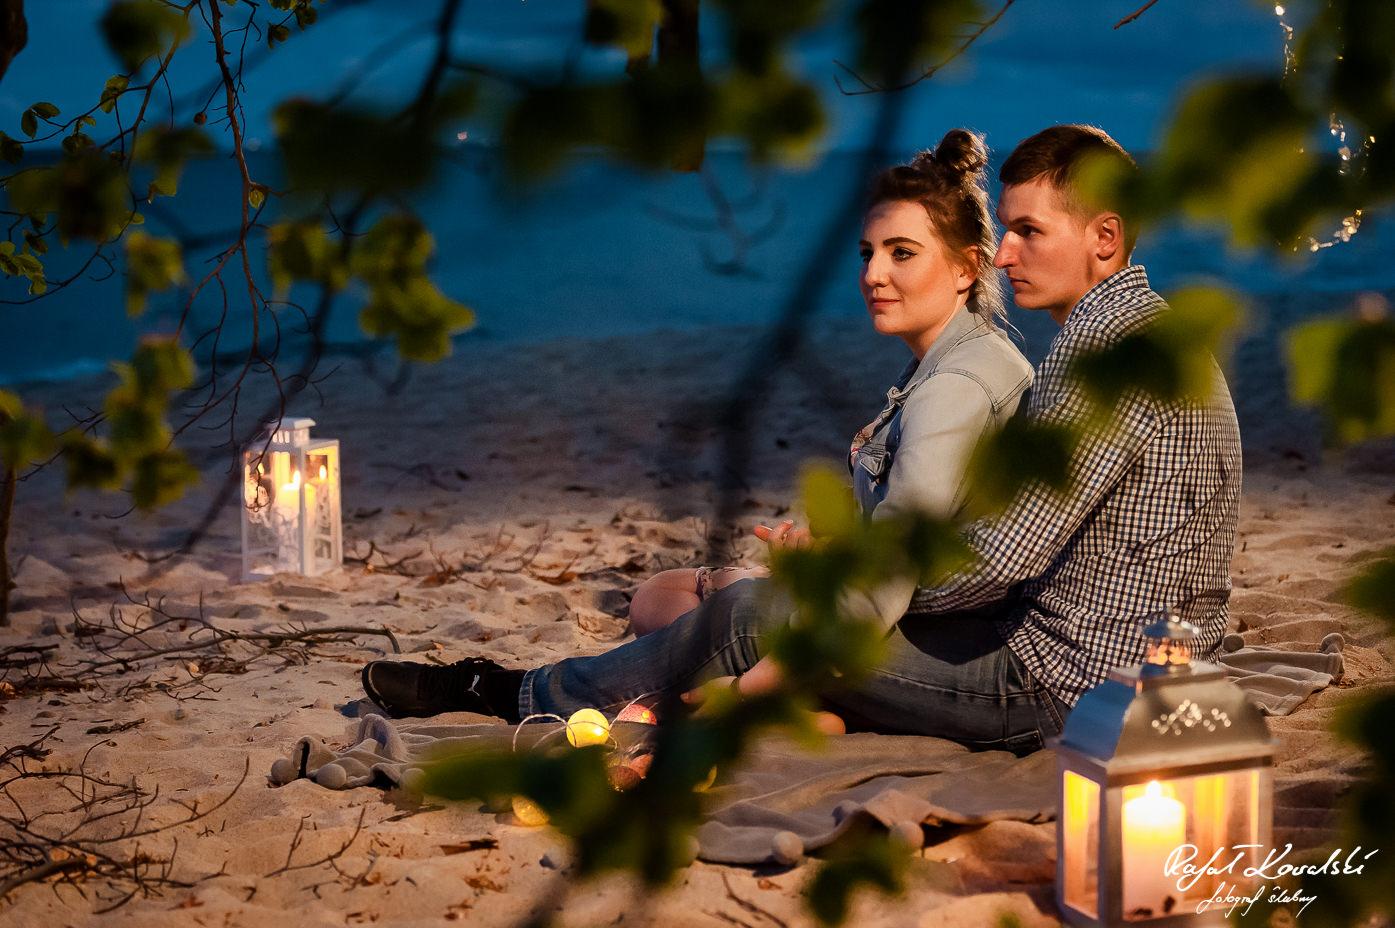 wieczorna narzeczeńska sesja zdjęciowa na Gdyńskiej plaży pod koroną drzewa